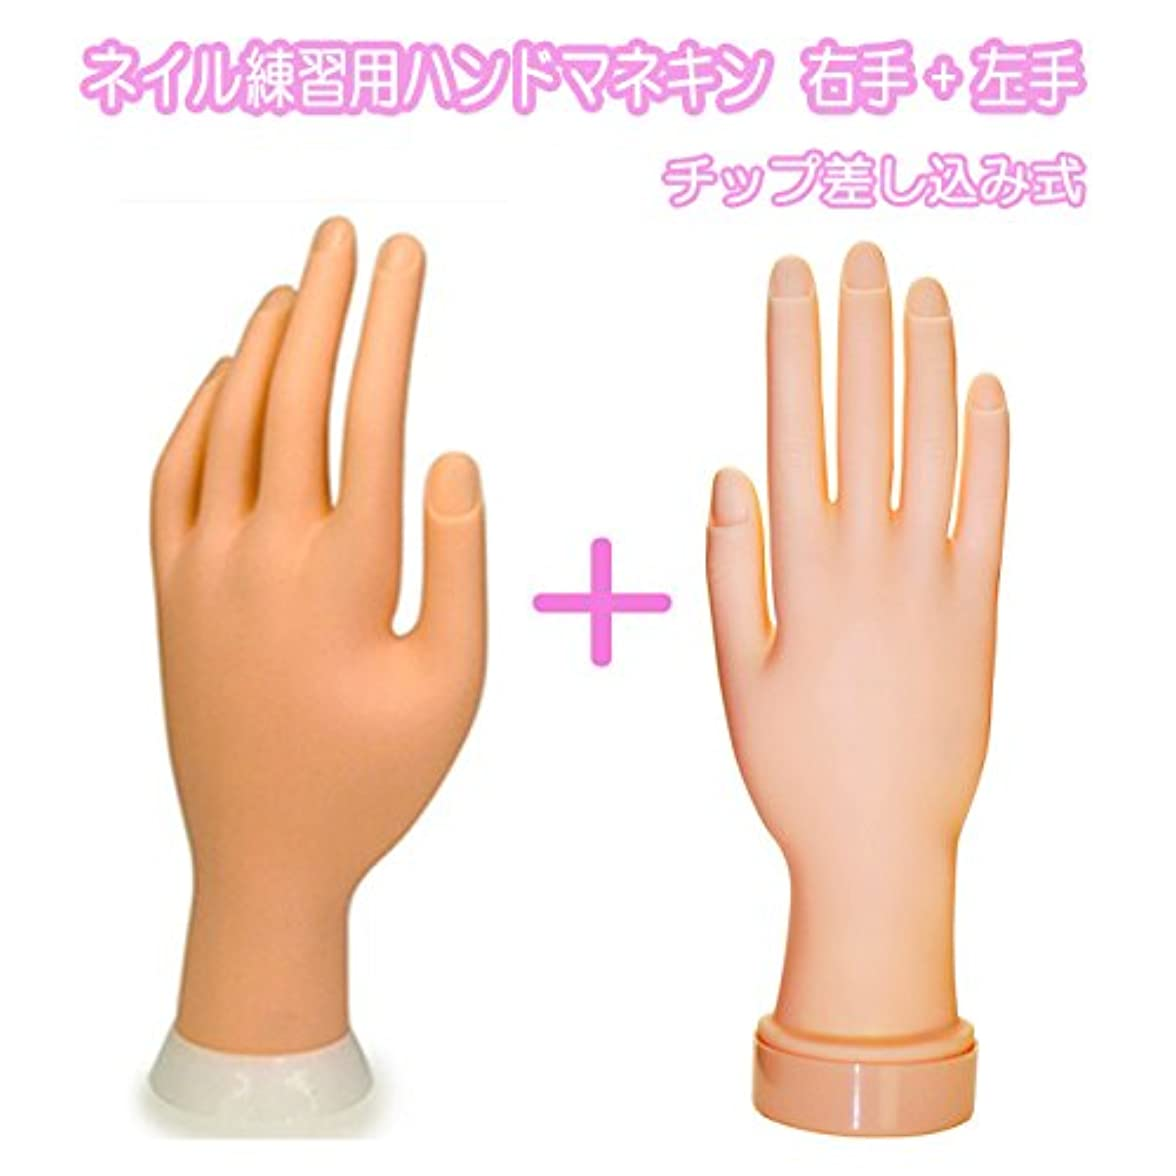 パブ髄励起【訳あり】ネイル練習用ハンドマネキン2個(右手/左手)/チップ差し込み式 (右手1個+左手1個)